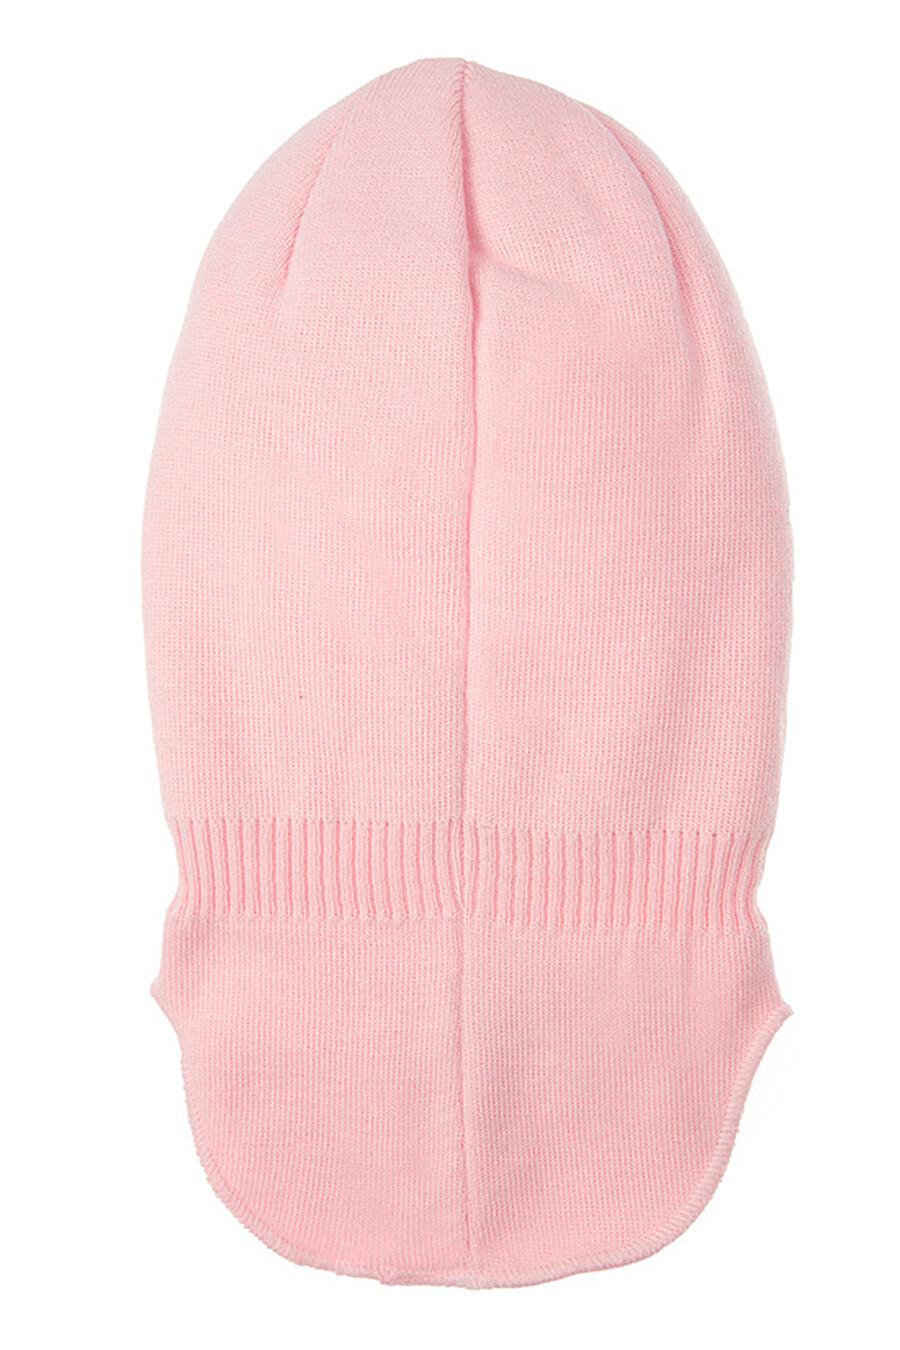 Шапка-шлем для девочек PLAYTODAY 239358 купить оптом от производителя. Совместная покупка детской одежды в OptMoyo